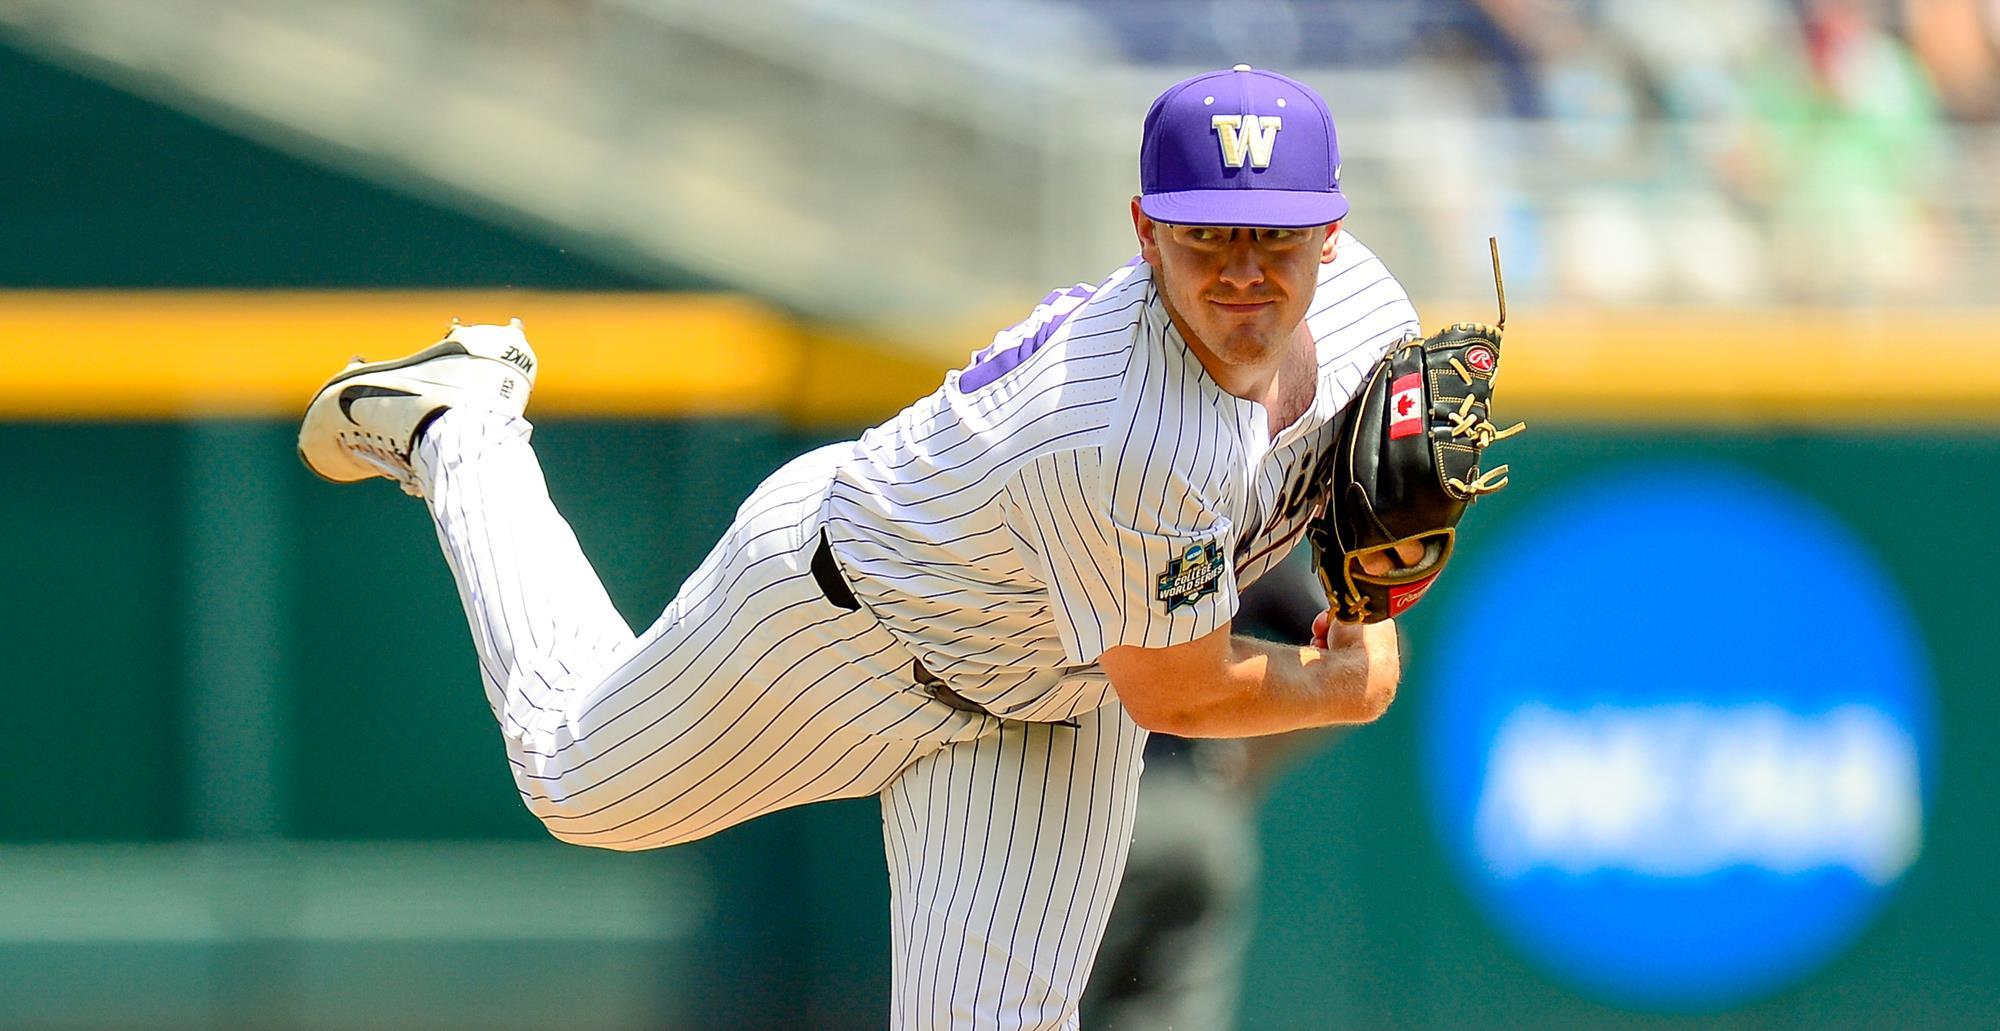 Photo: University of Washington Athletics